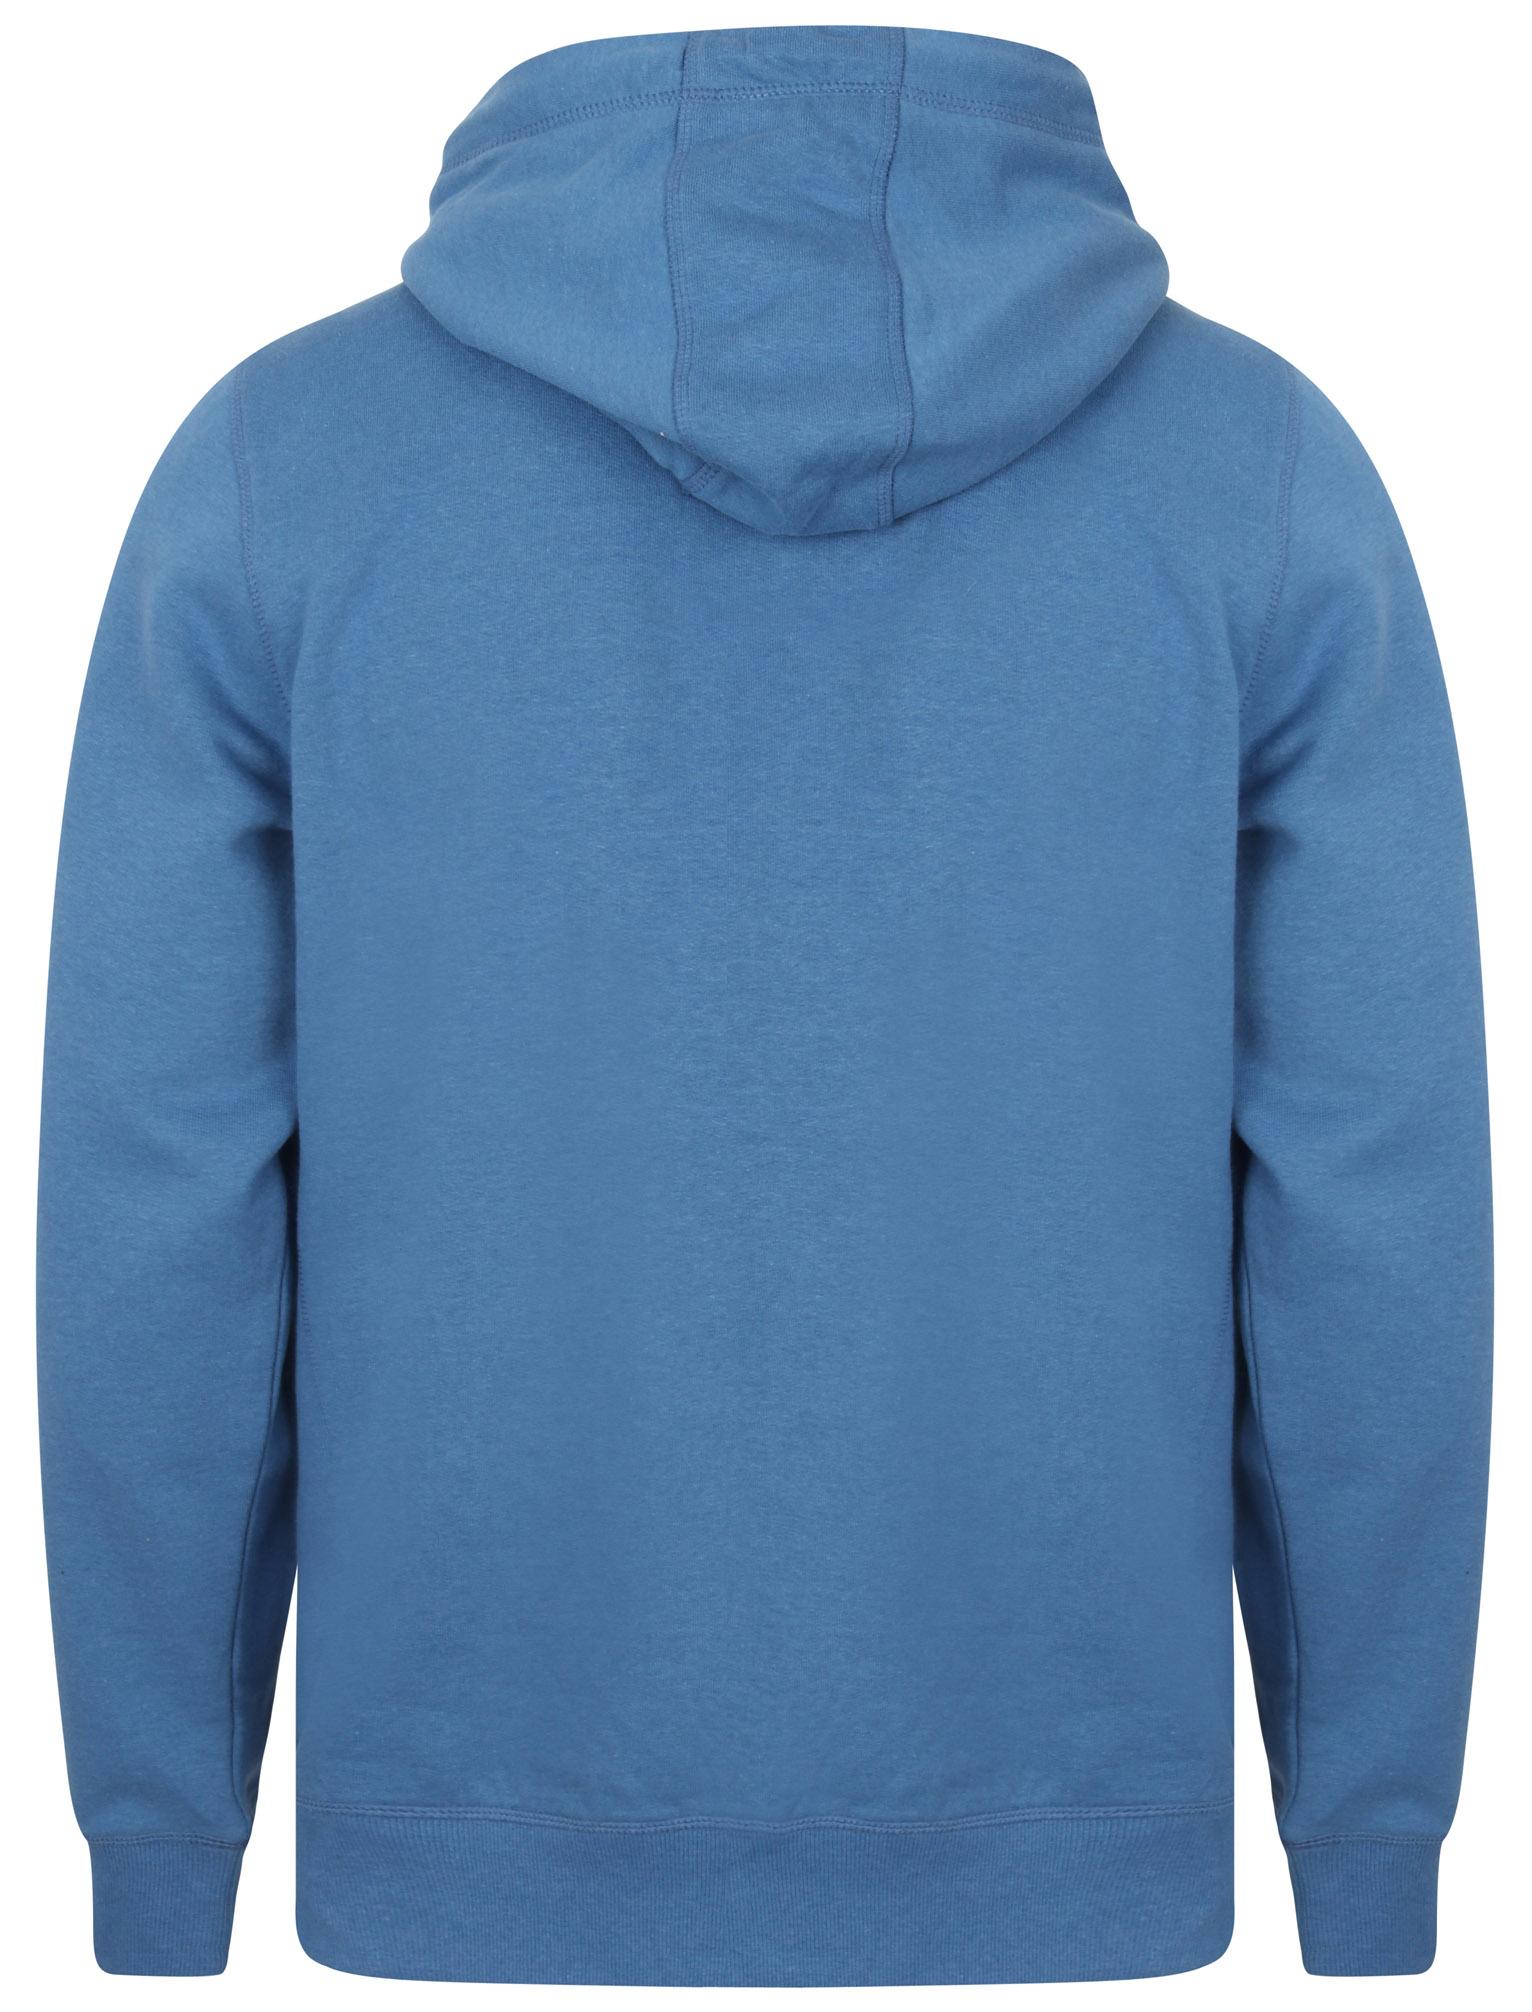 Tokyo Laundry Men/'s Harper Zip Up Hoodie Hooded Top Sweatshirt Sweater Jacket